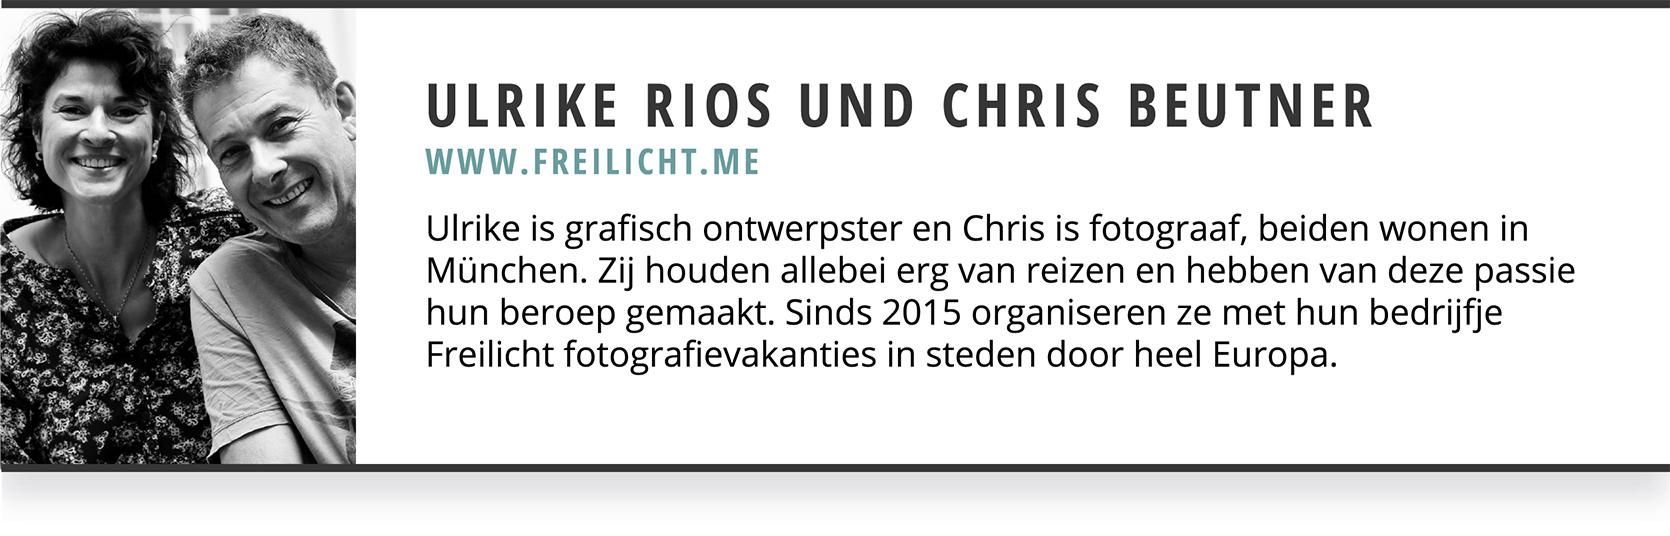 Ulrike-Rios-Chris-Beutner-NL.jpg